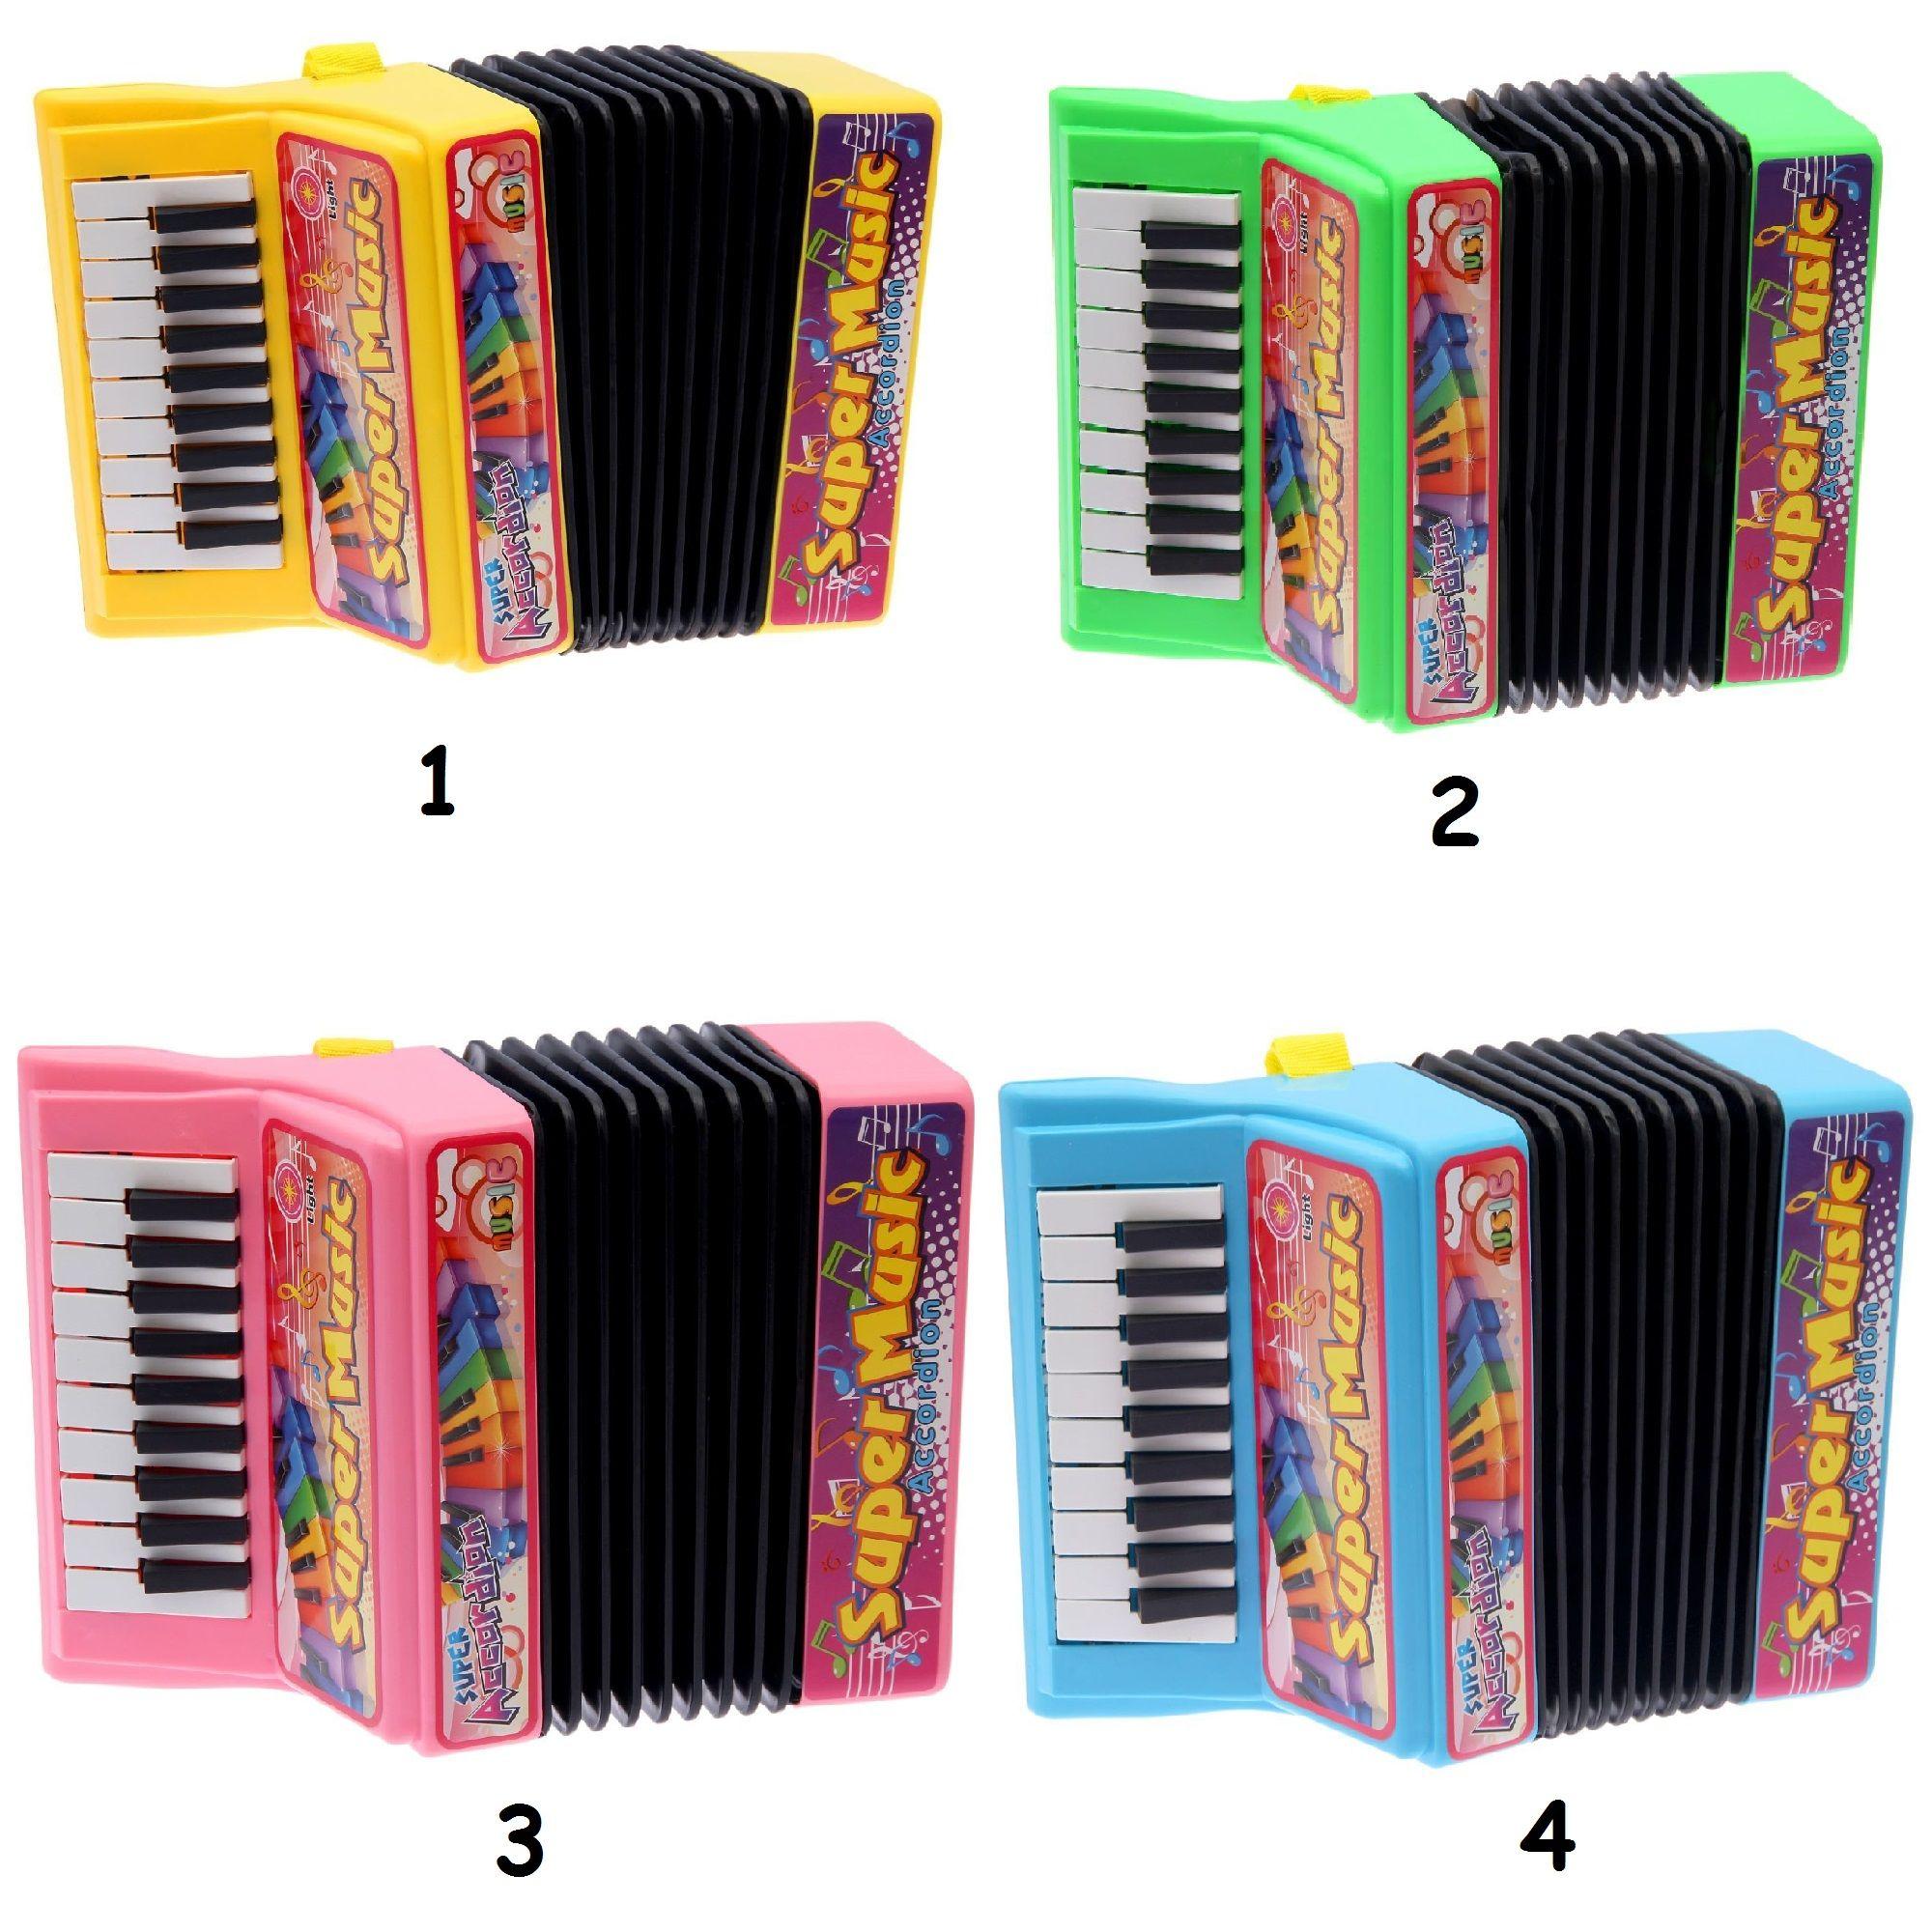 Музыкальная игрушка Super Music - Аккордеон (свет, звук), 10 мелодий